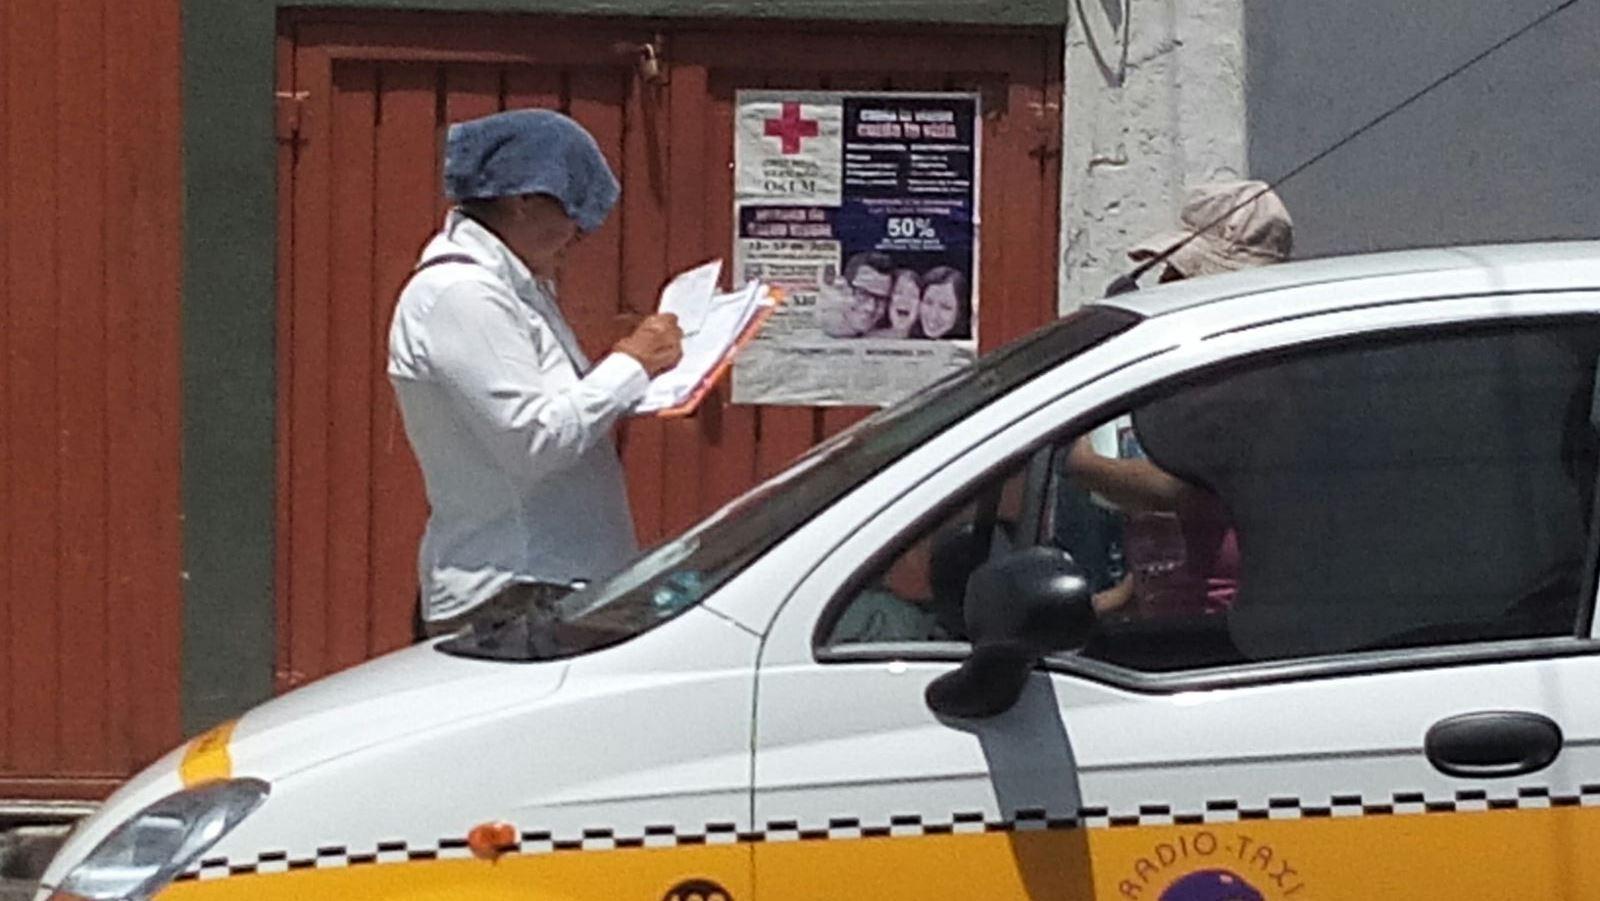 La empleada aplicó la multa a un taxista y a la unidad de gobierno del estado no.